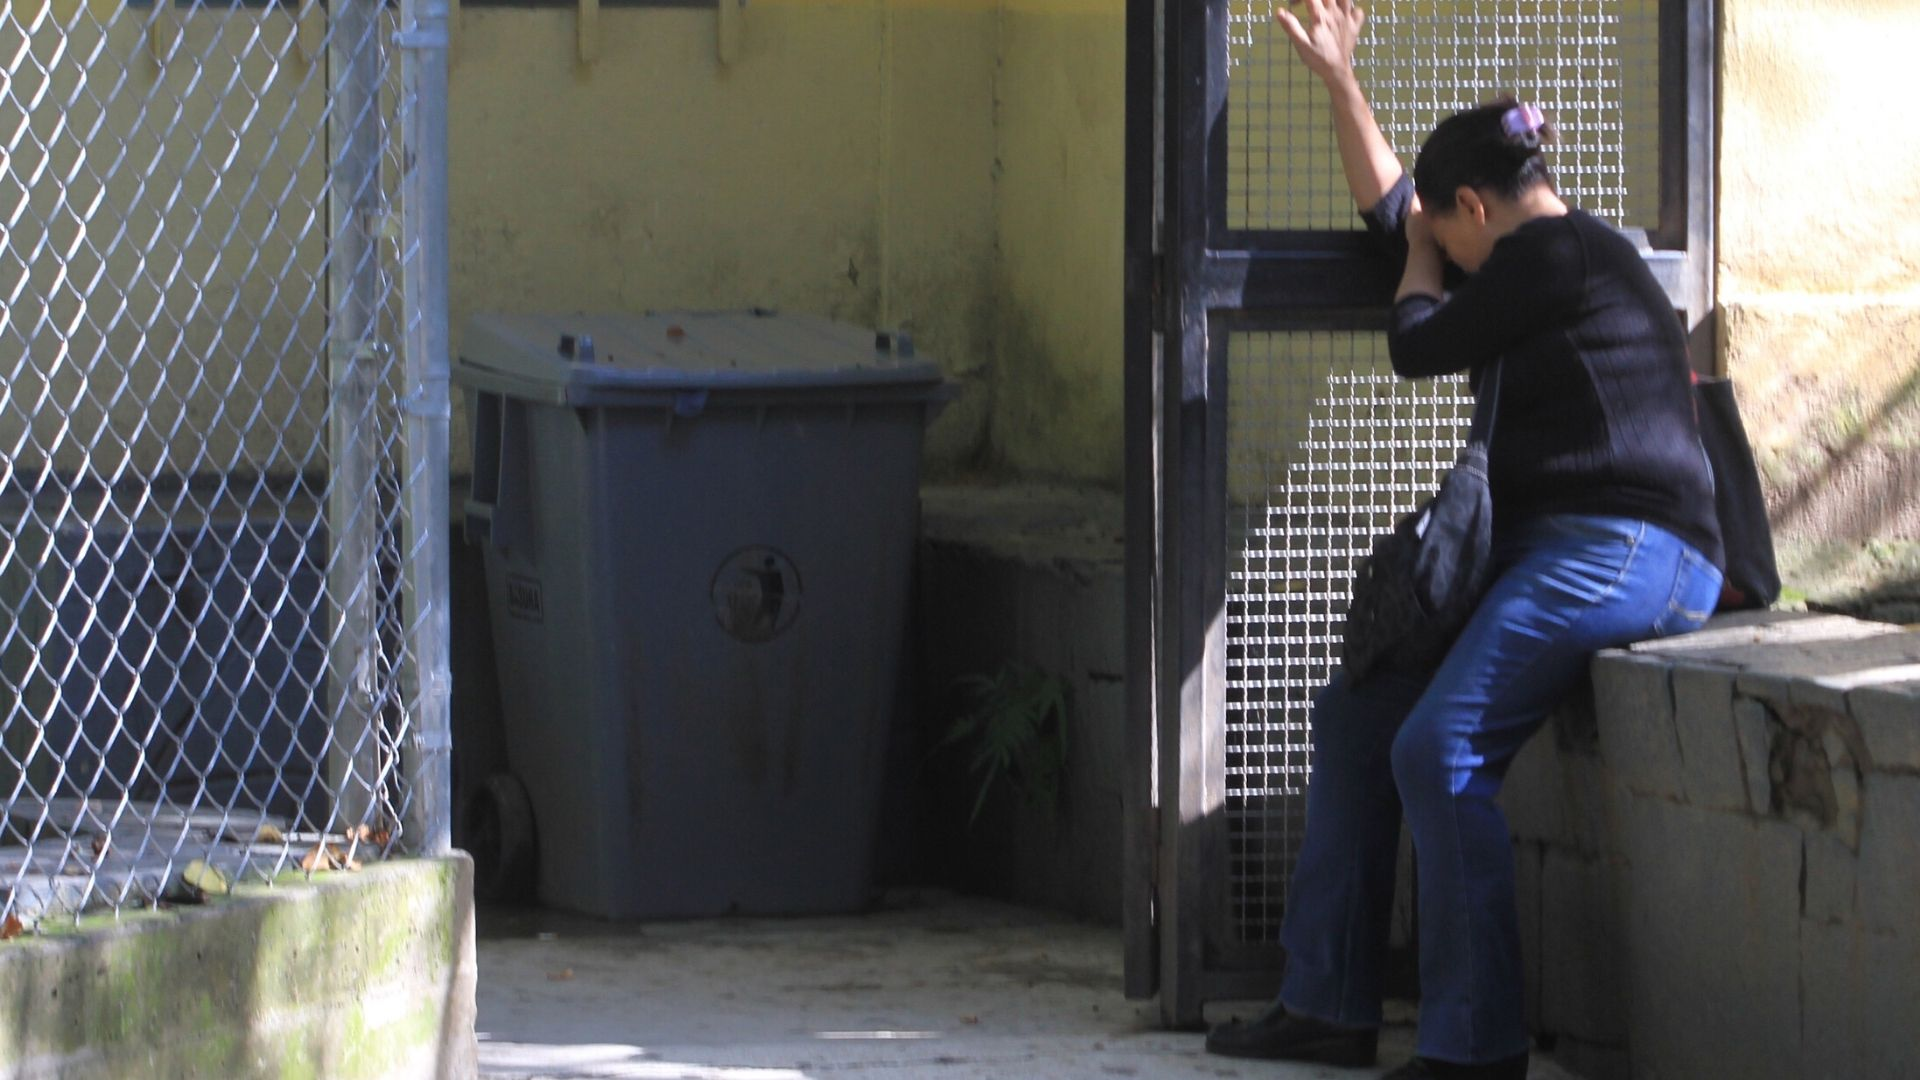 #MonitorDeVíctimas | Mujer murió en Catia al impactar su cabeza contra el pavimento durante pelea